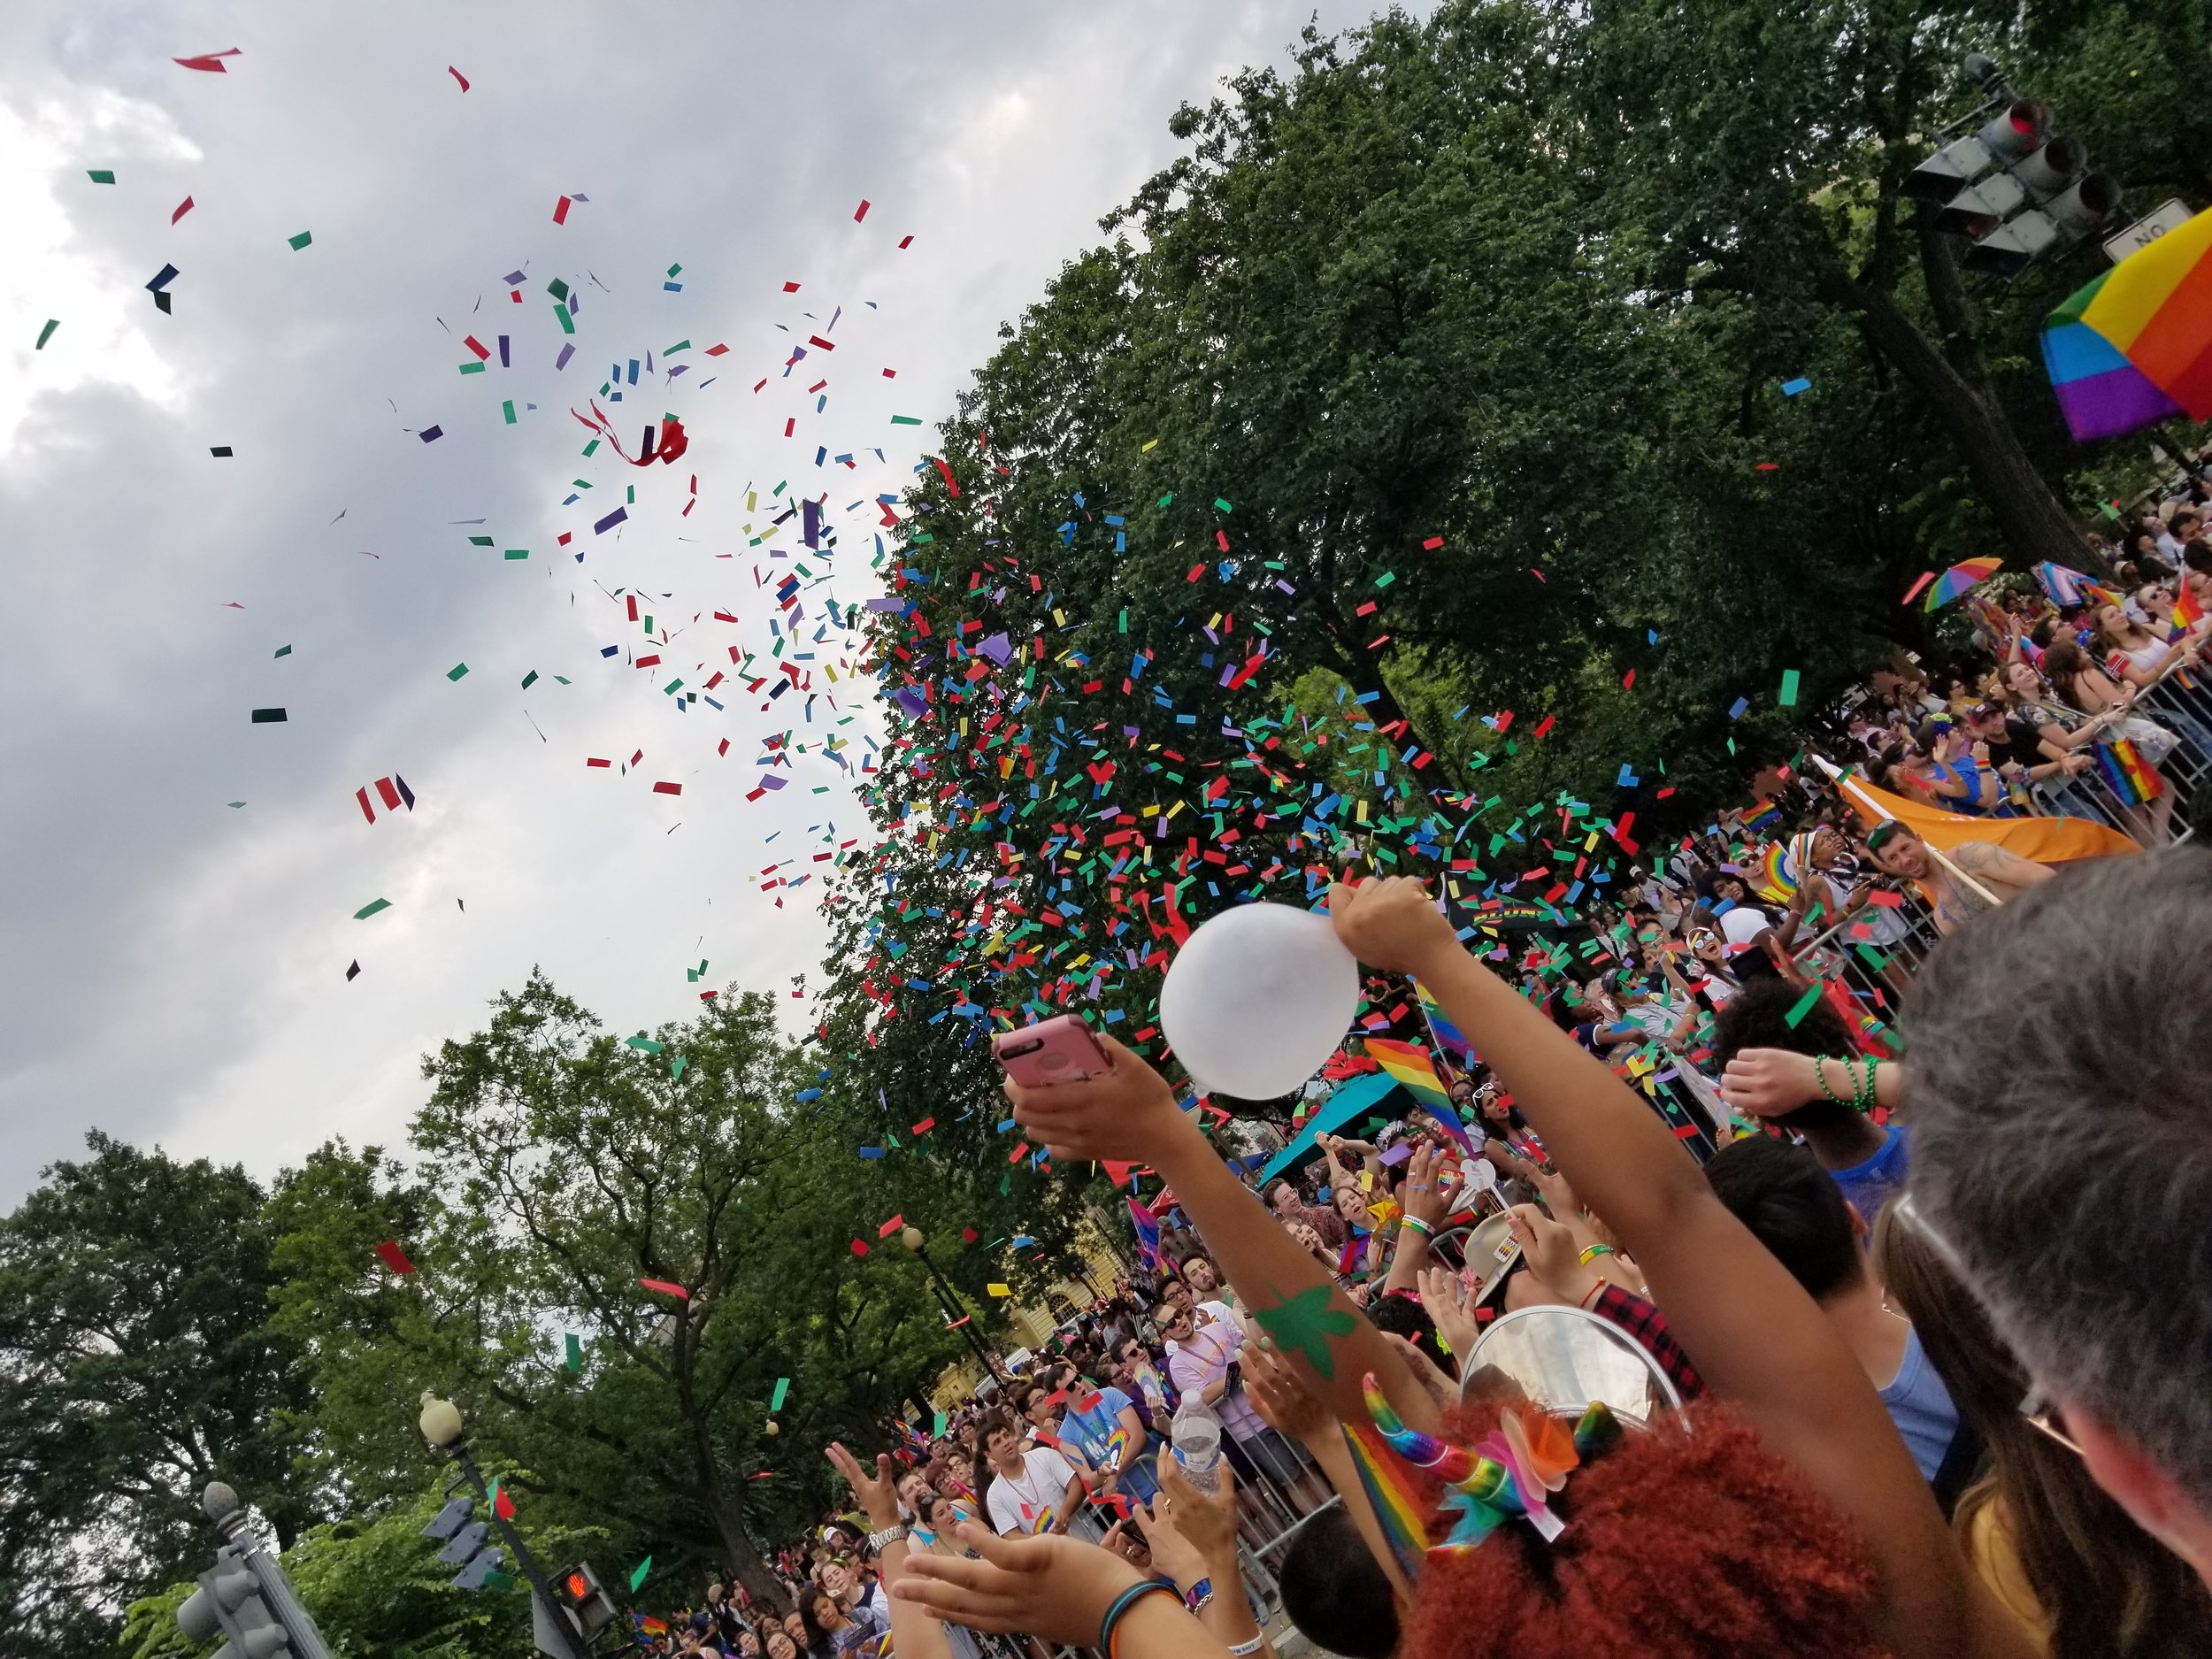 Washington D.C. Pride Parade - June 2018